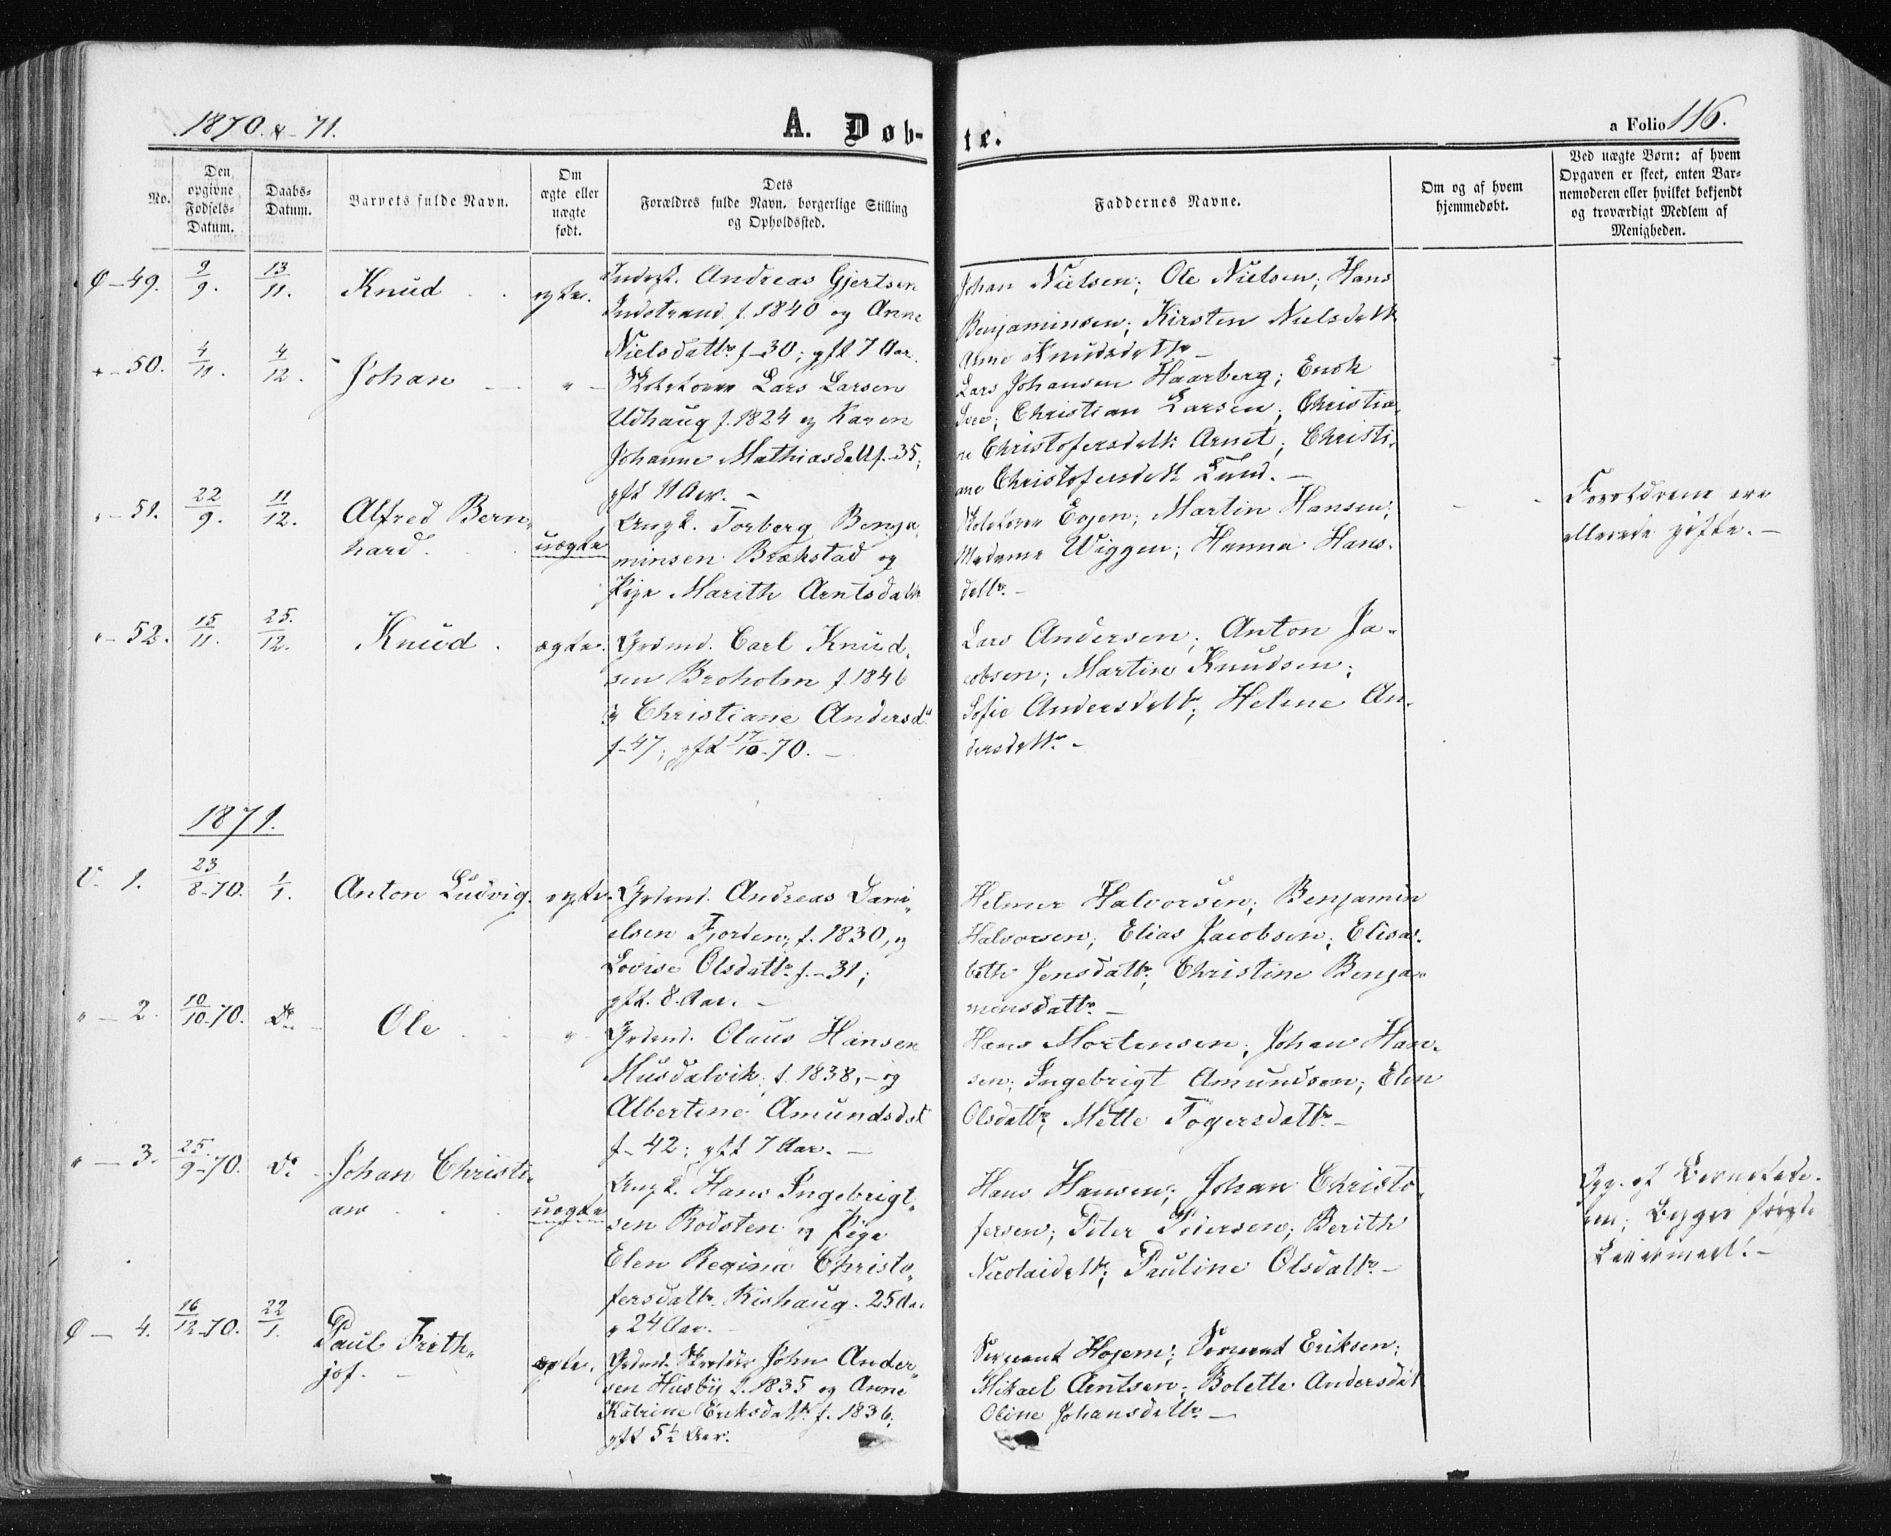 SAT, Ministerialprotokoller, klokkerbøker og fødselsregistre - Sør-Trøndelag, 659/L0737: Ministerialbok nr. 659A07, 1857-1875, s. 116